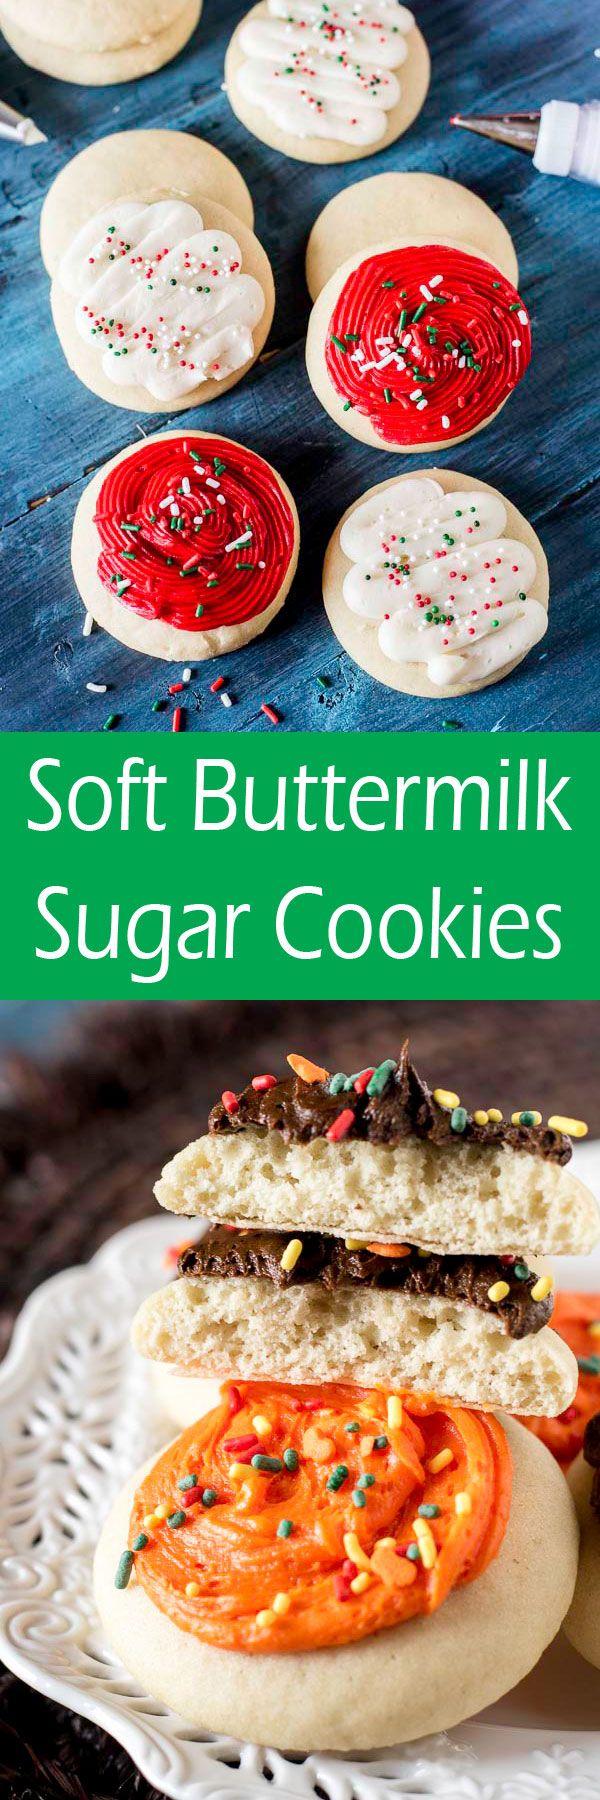 about SUGAR COOKIES on Pinterest | Sugar cookies, Amish sugar cookies ...